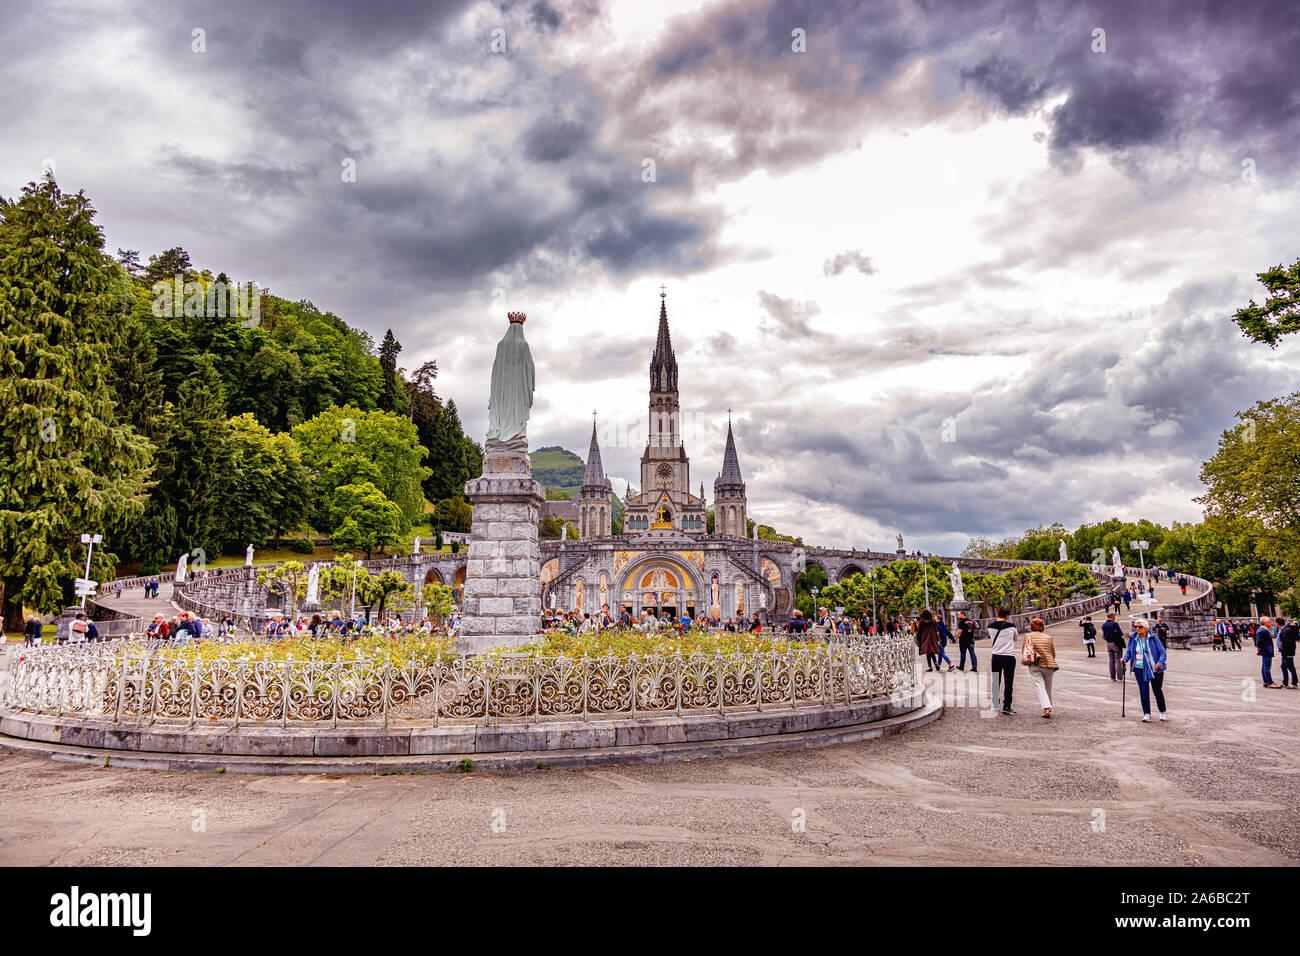 LOURDES - 15 juin 2019: lieu de pèlerinage Lourdes, dans le sud de la France Banque D'Images